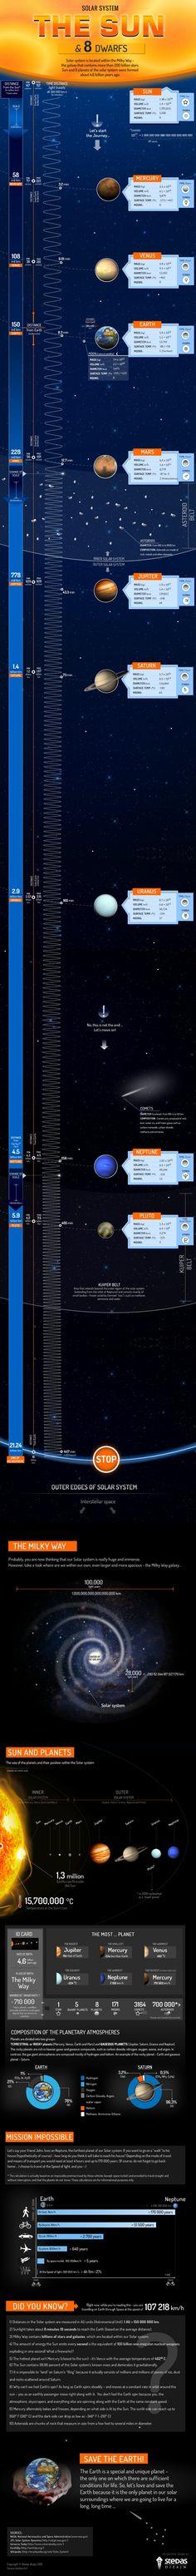 Sistema solare: l'infografica per scoprire le meraviglie del sole, dei pianeti e della Via Lattea